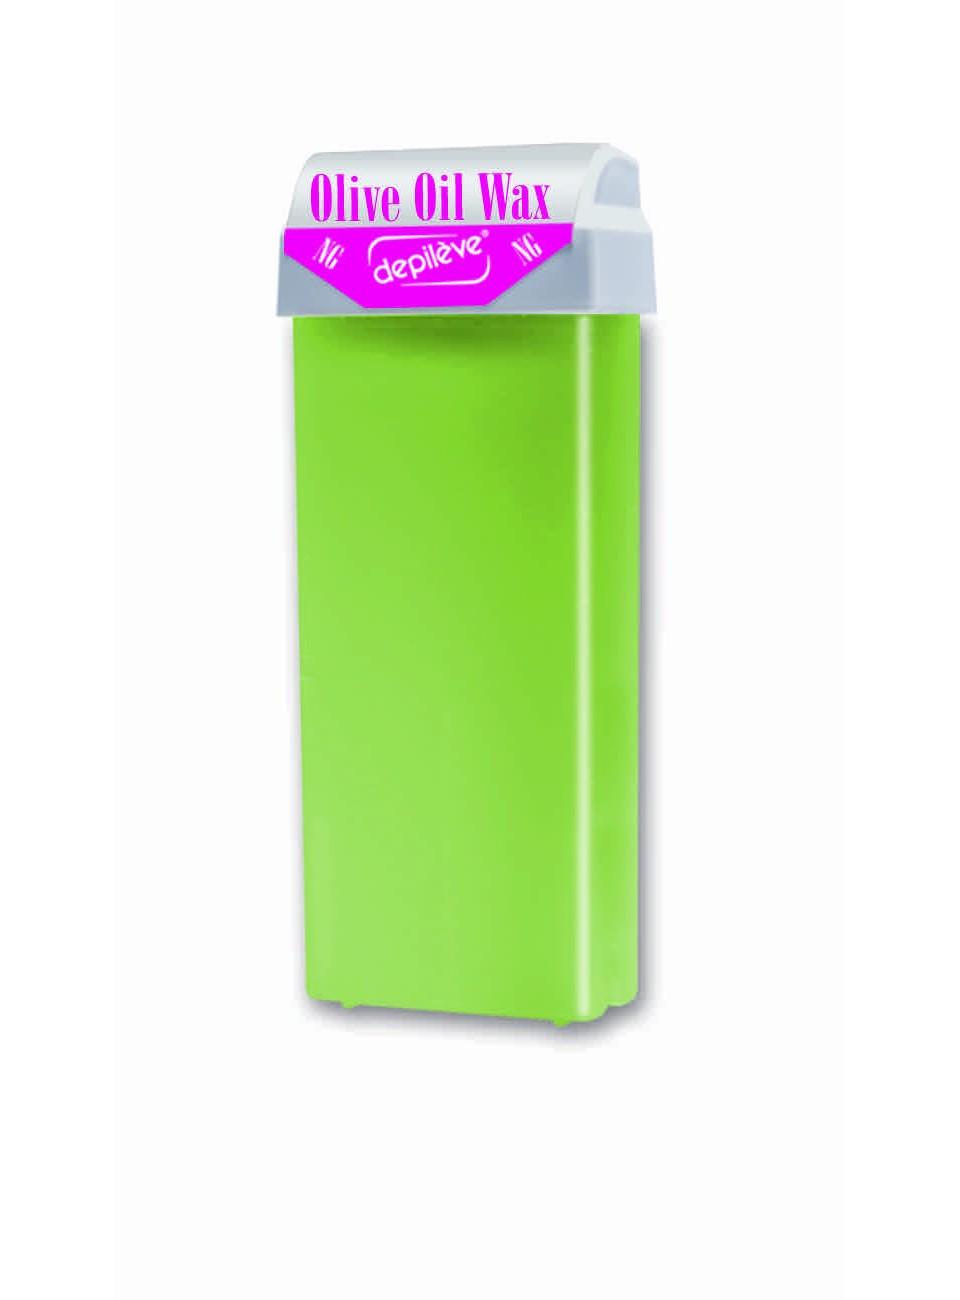 DEPILEVE Картридж стандартный с воском, оливковый NG 100 г